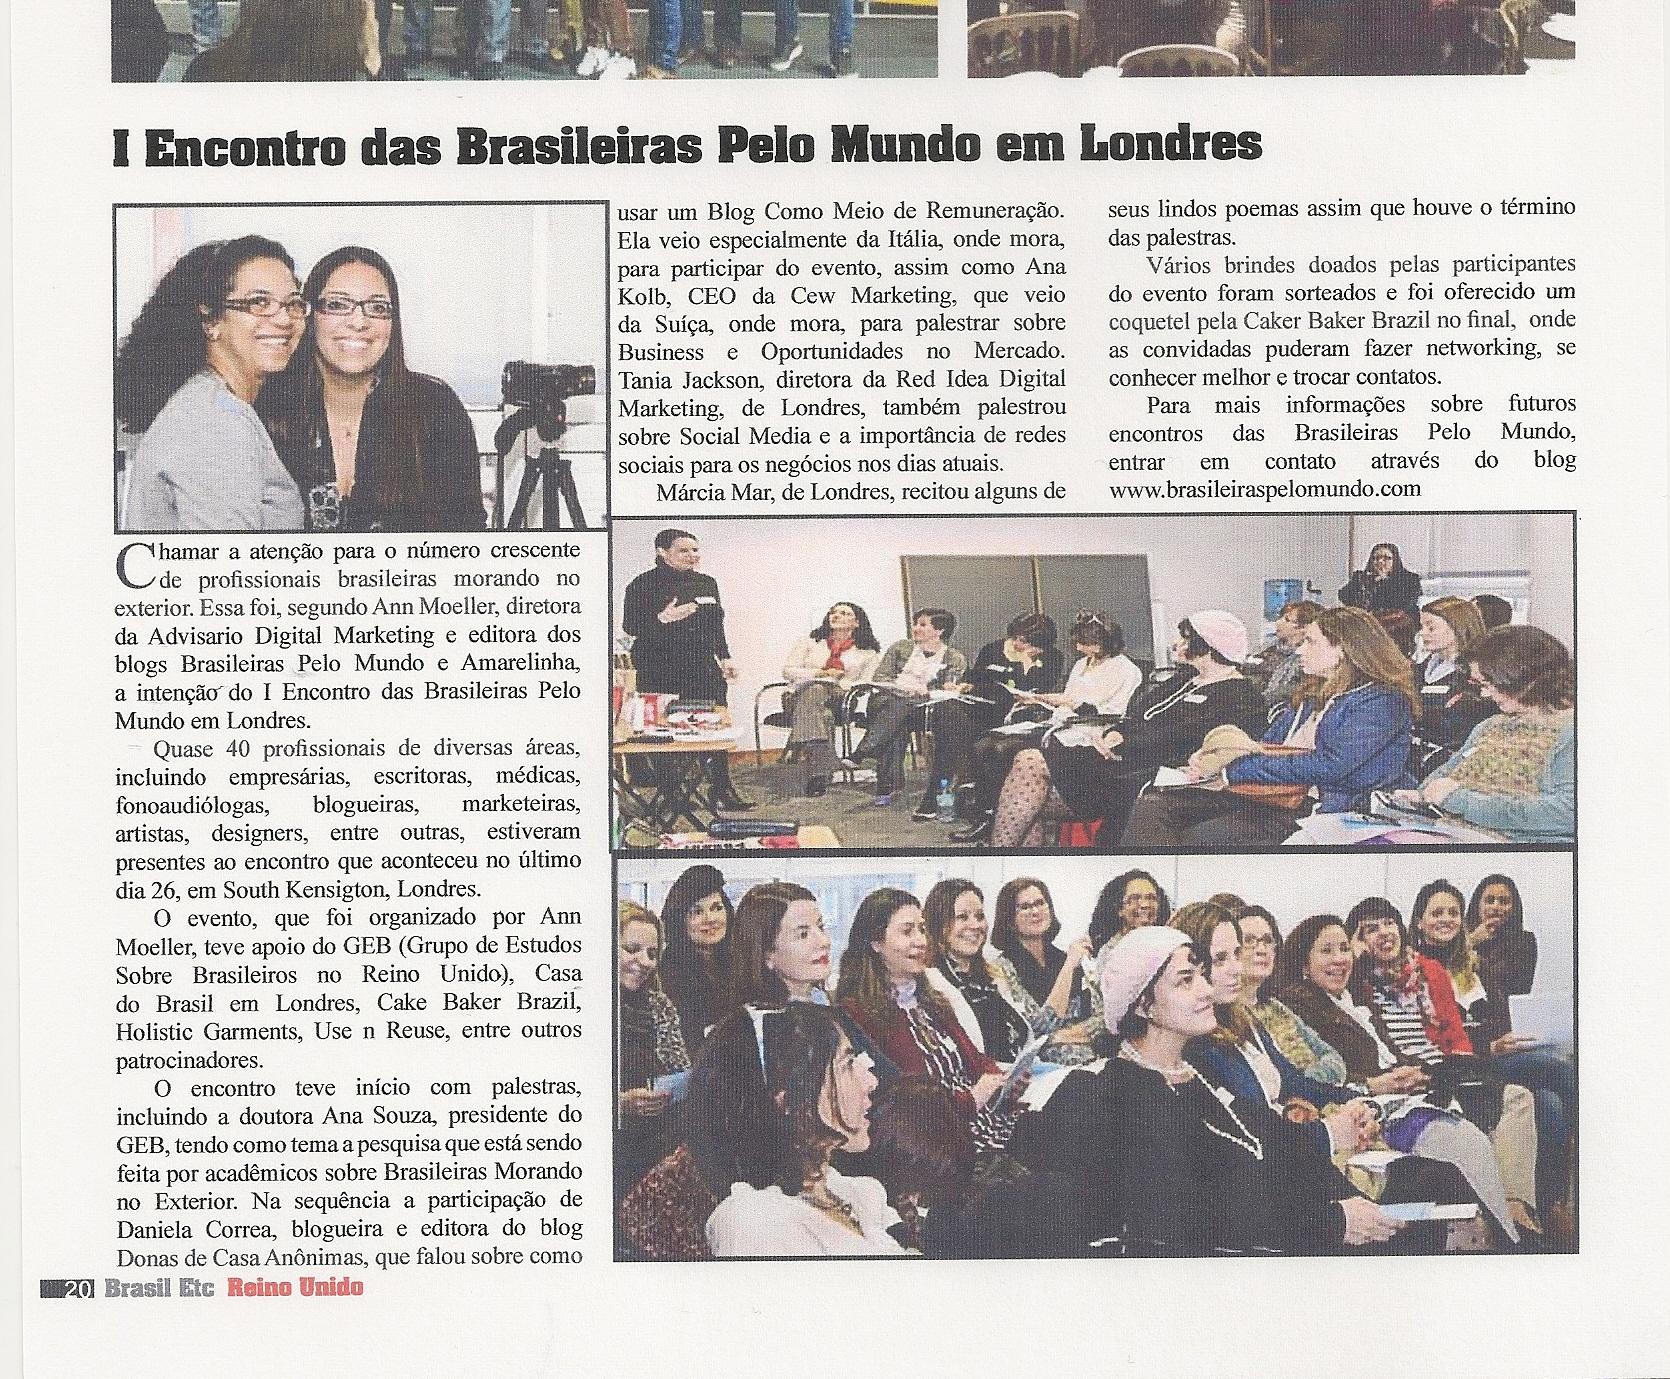 Revista- Brasil etc I encontro brasileiras pelo mundo